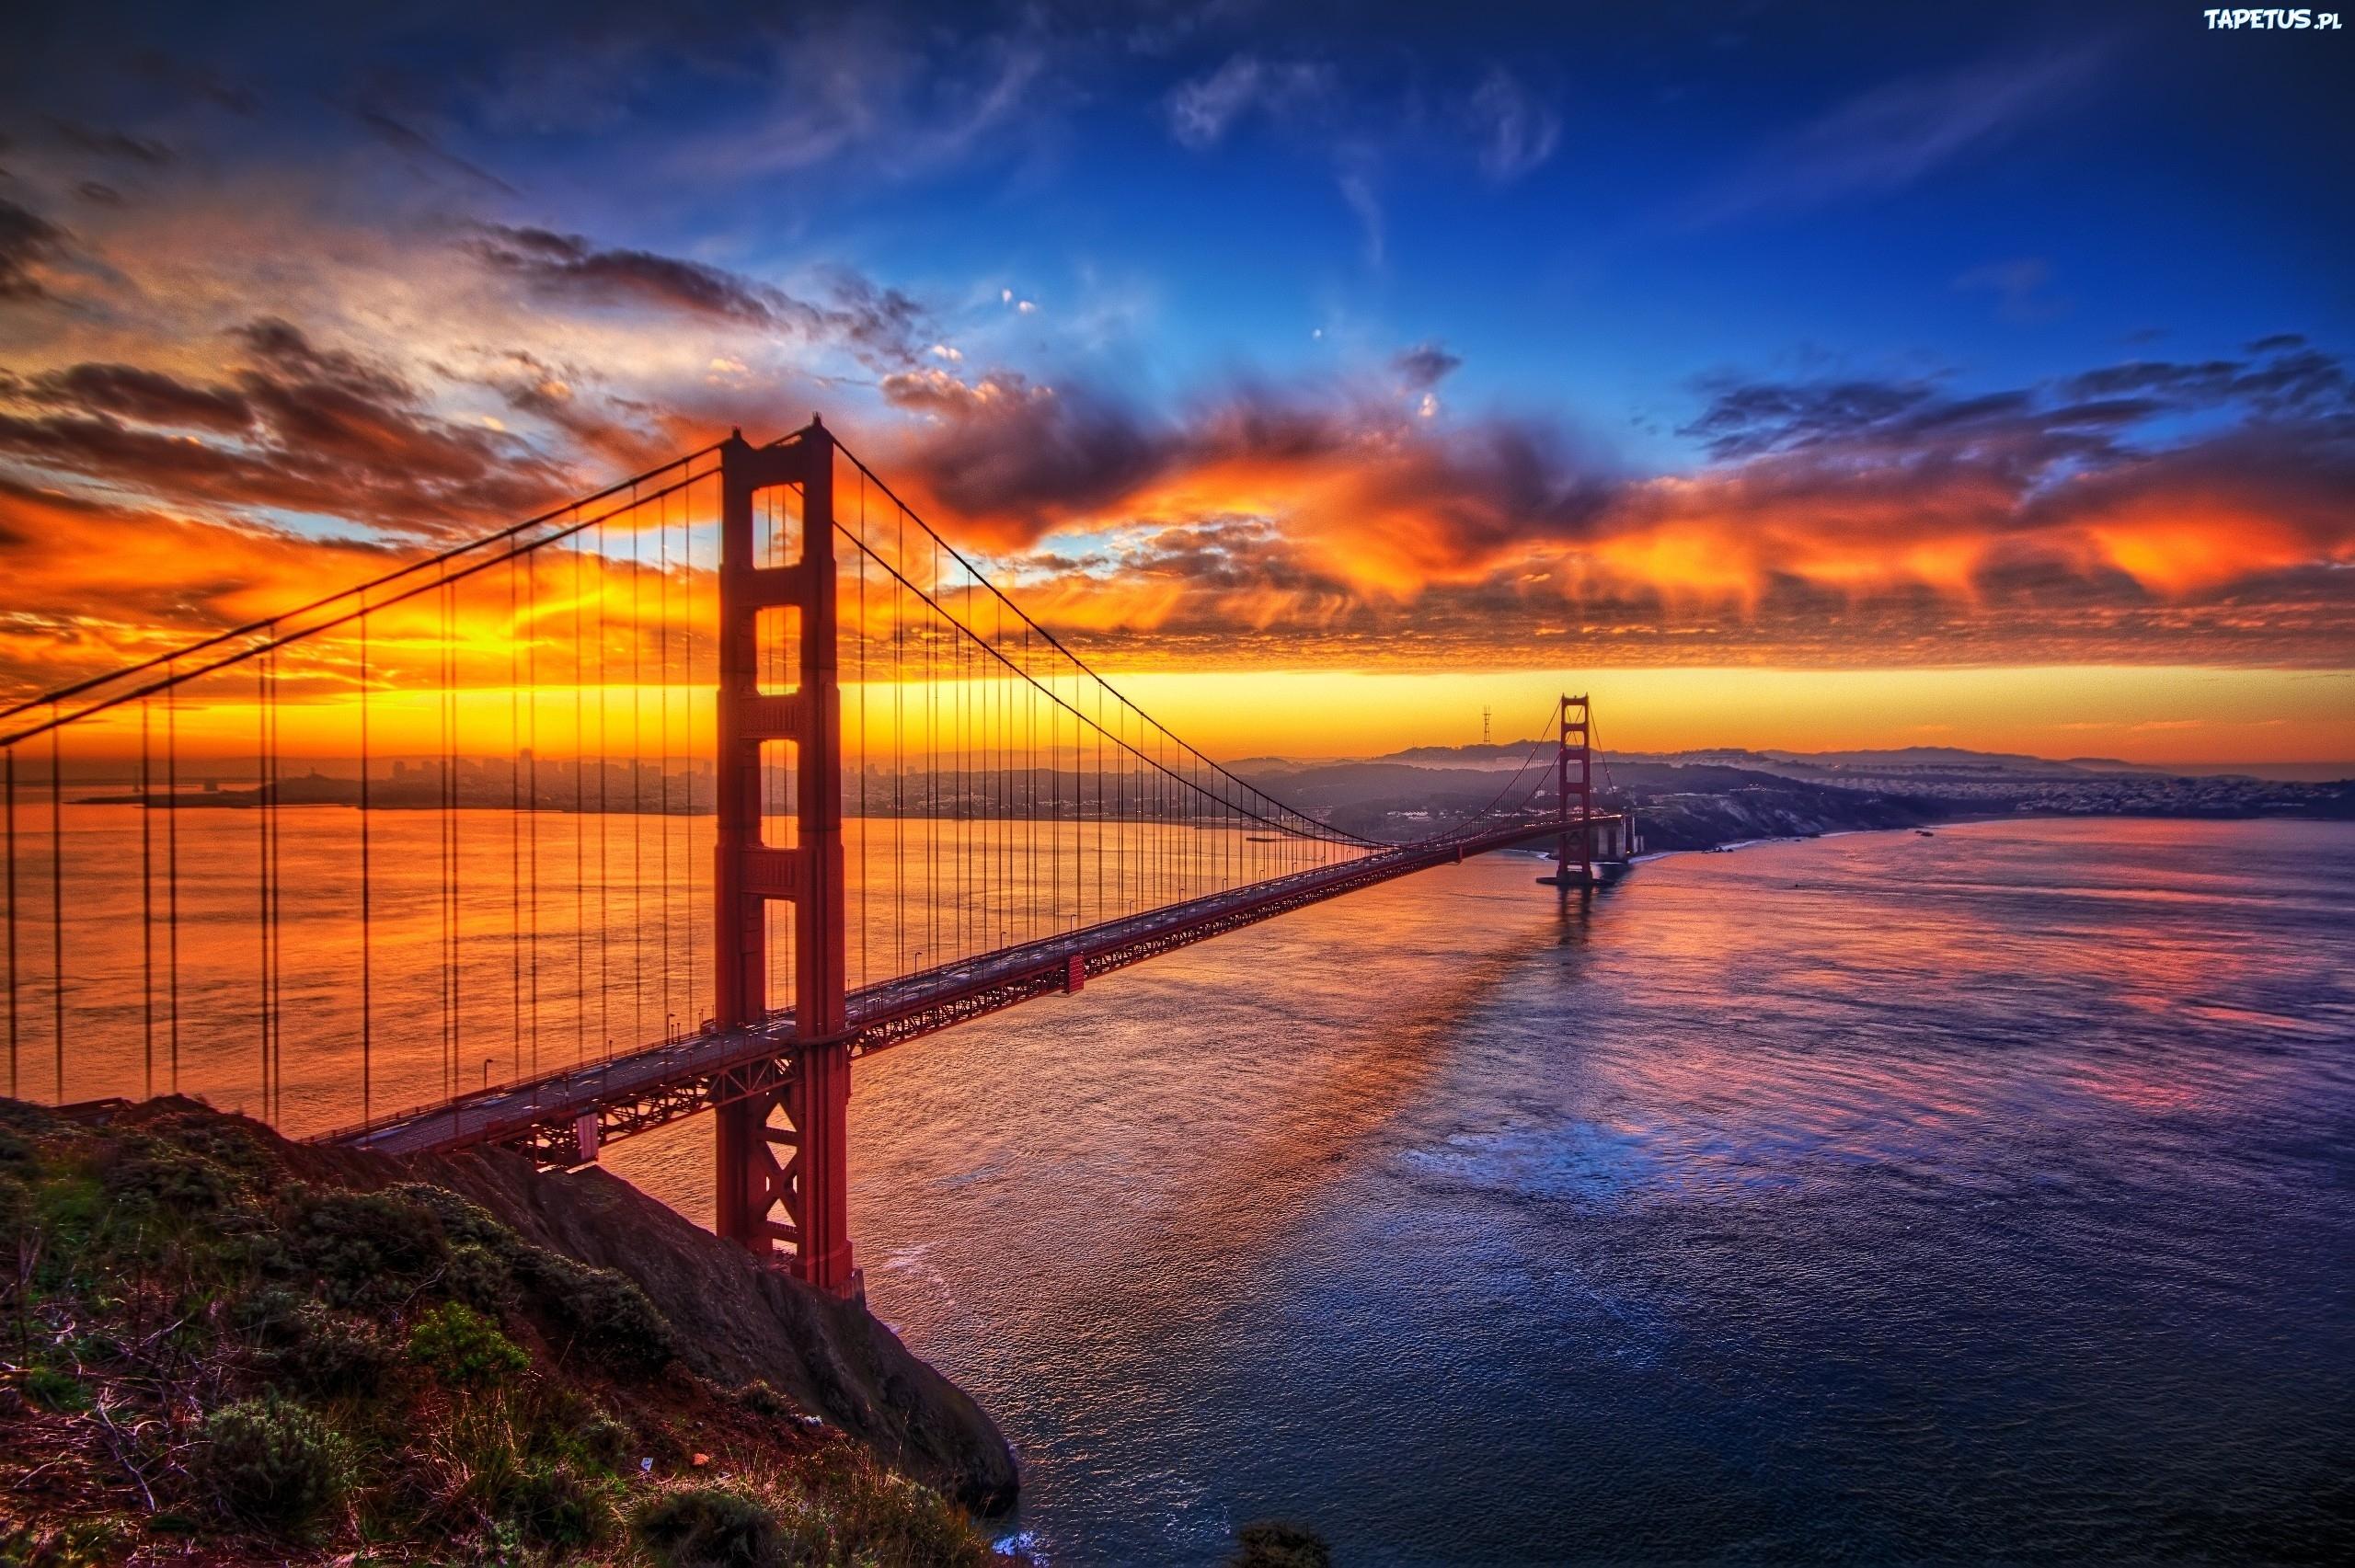 Arhitektura koja spaja ljude - Mostovi 151185_zachod-slonca-most-golden-gate